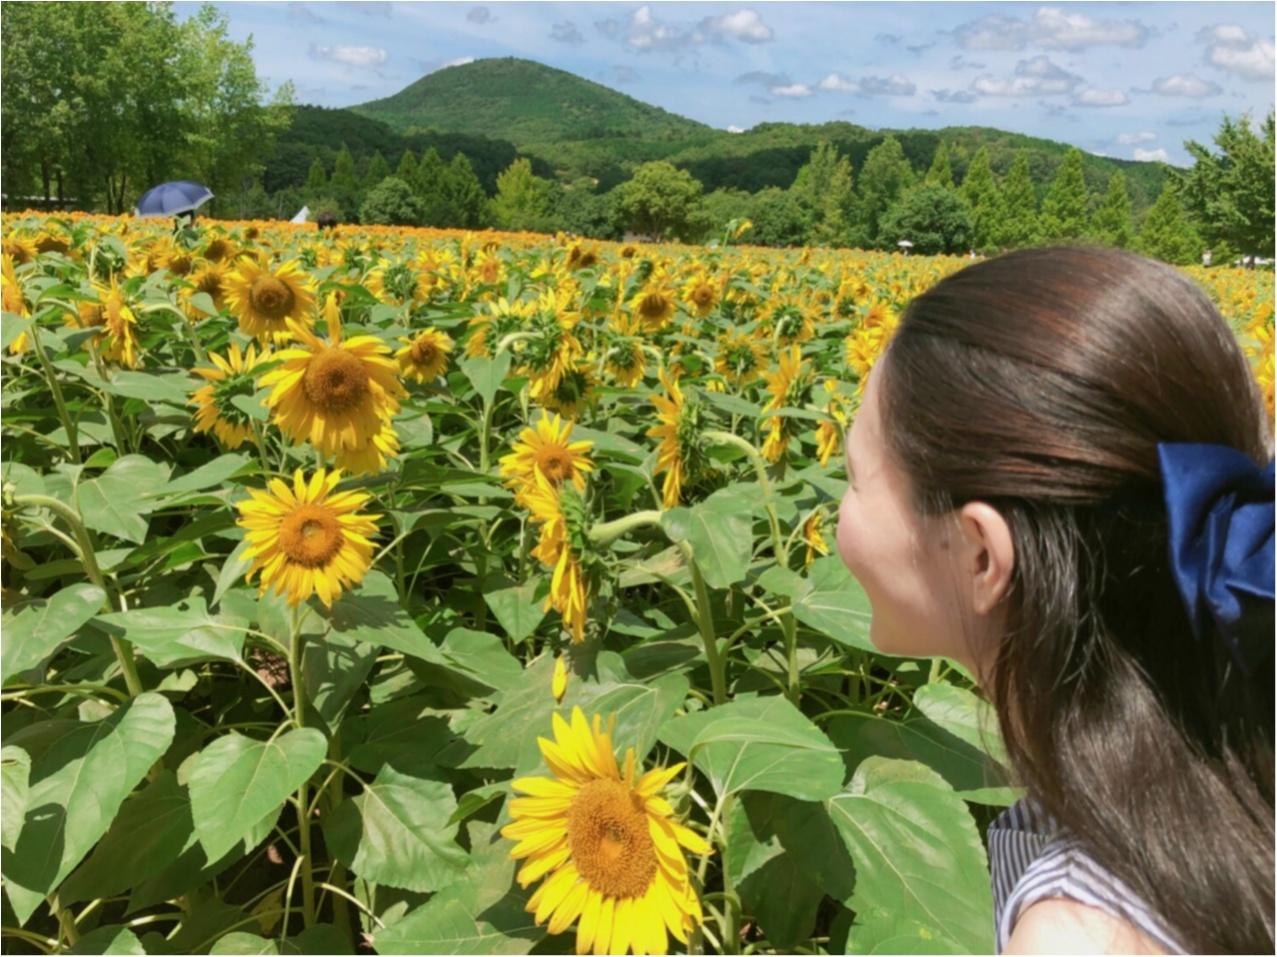 美しい夏の絶景♡ 100万本のひまわりが一面に広がる『ひまわり畑』が見たい♡♡_6